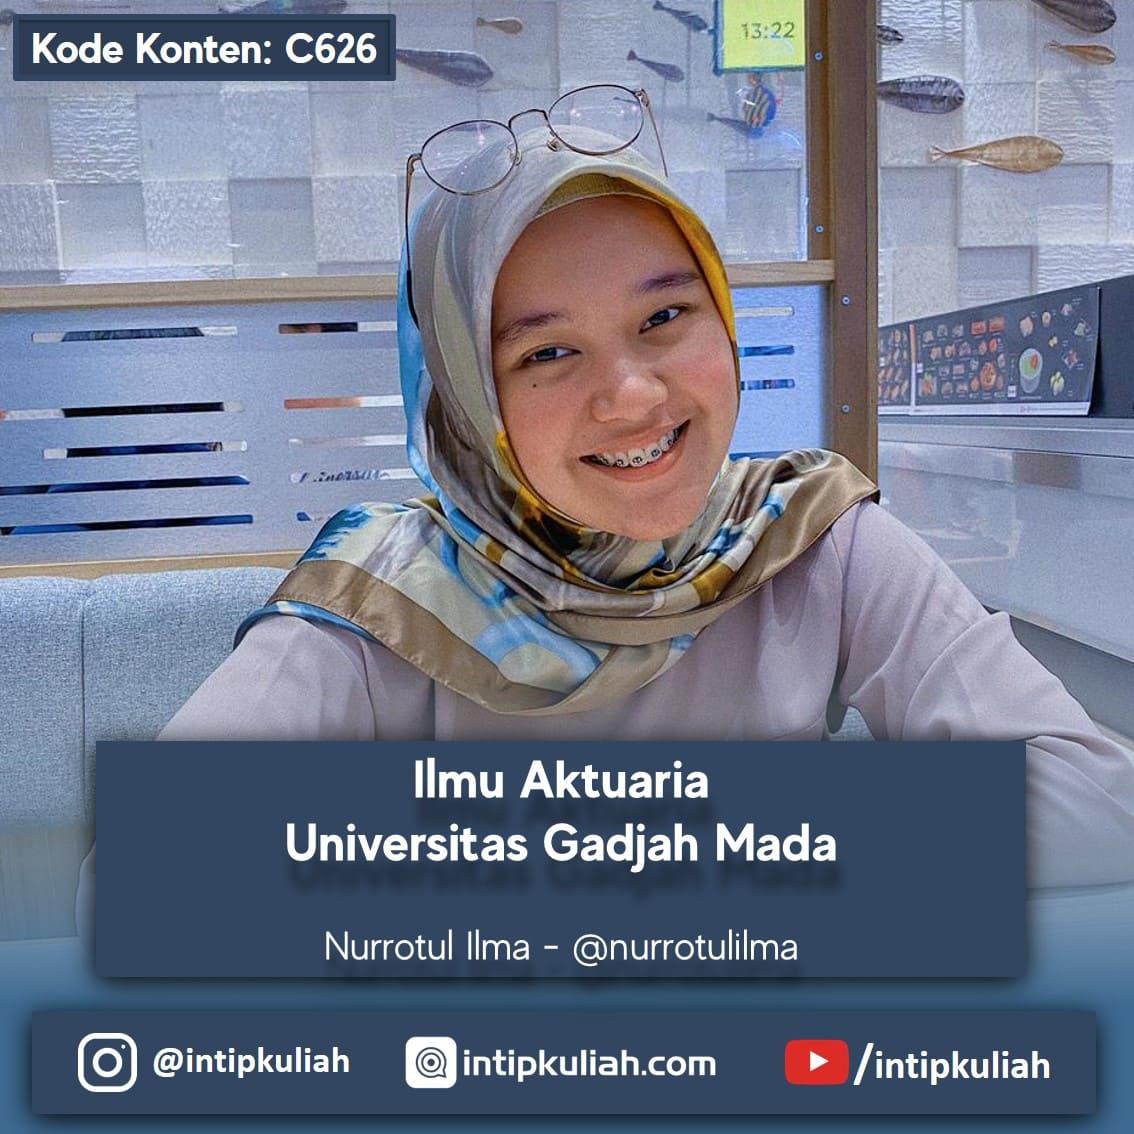 Ilmu Aktuaria UGM (Nurrotul)